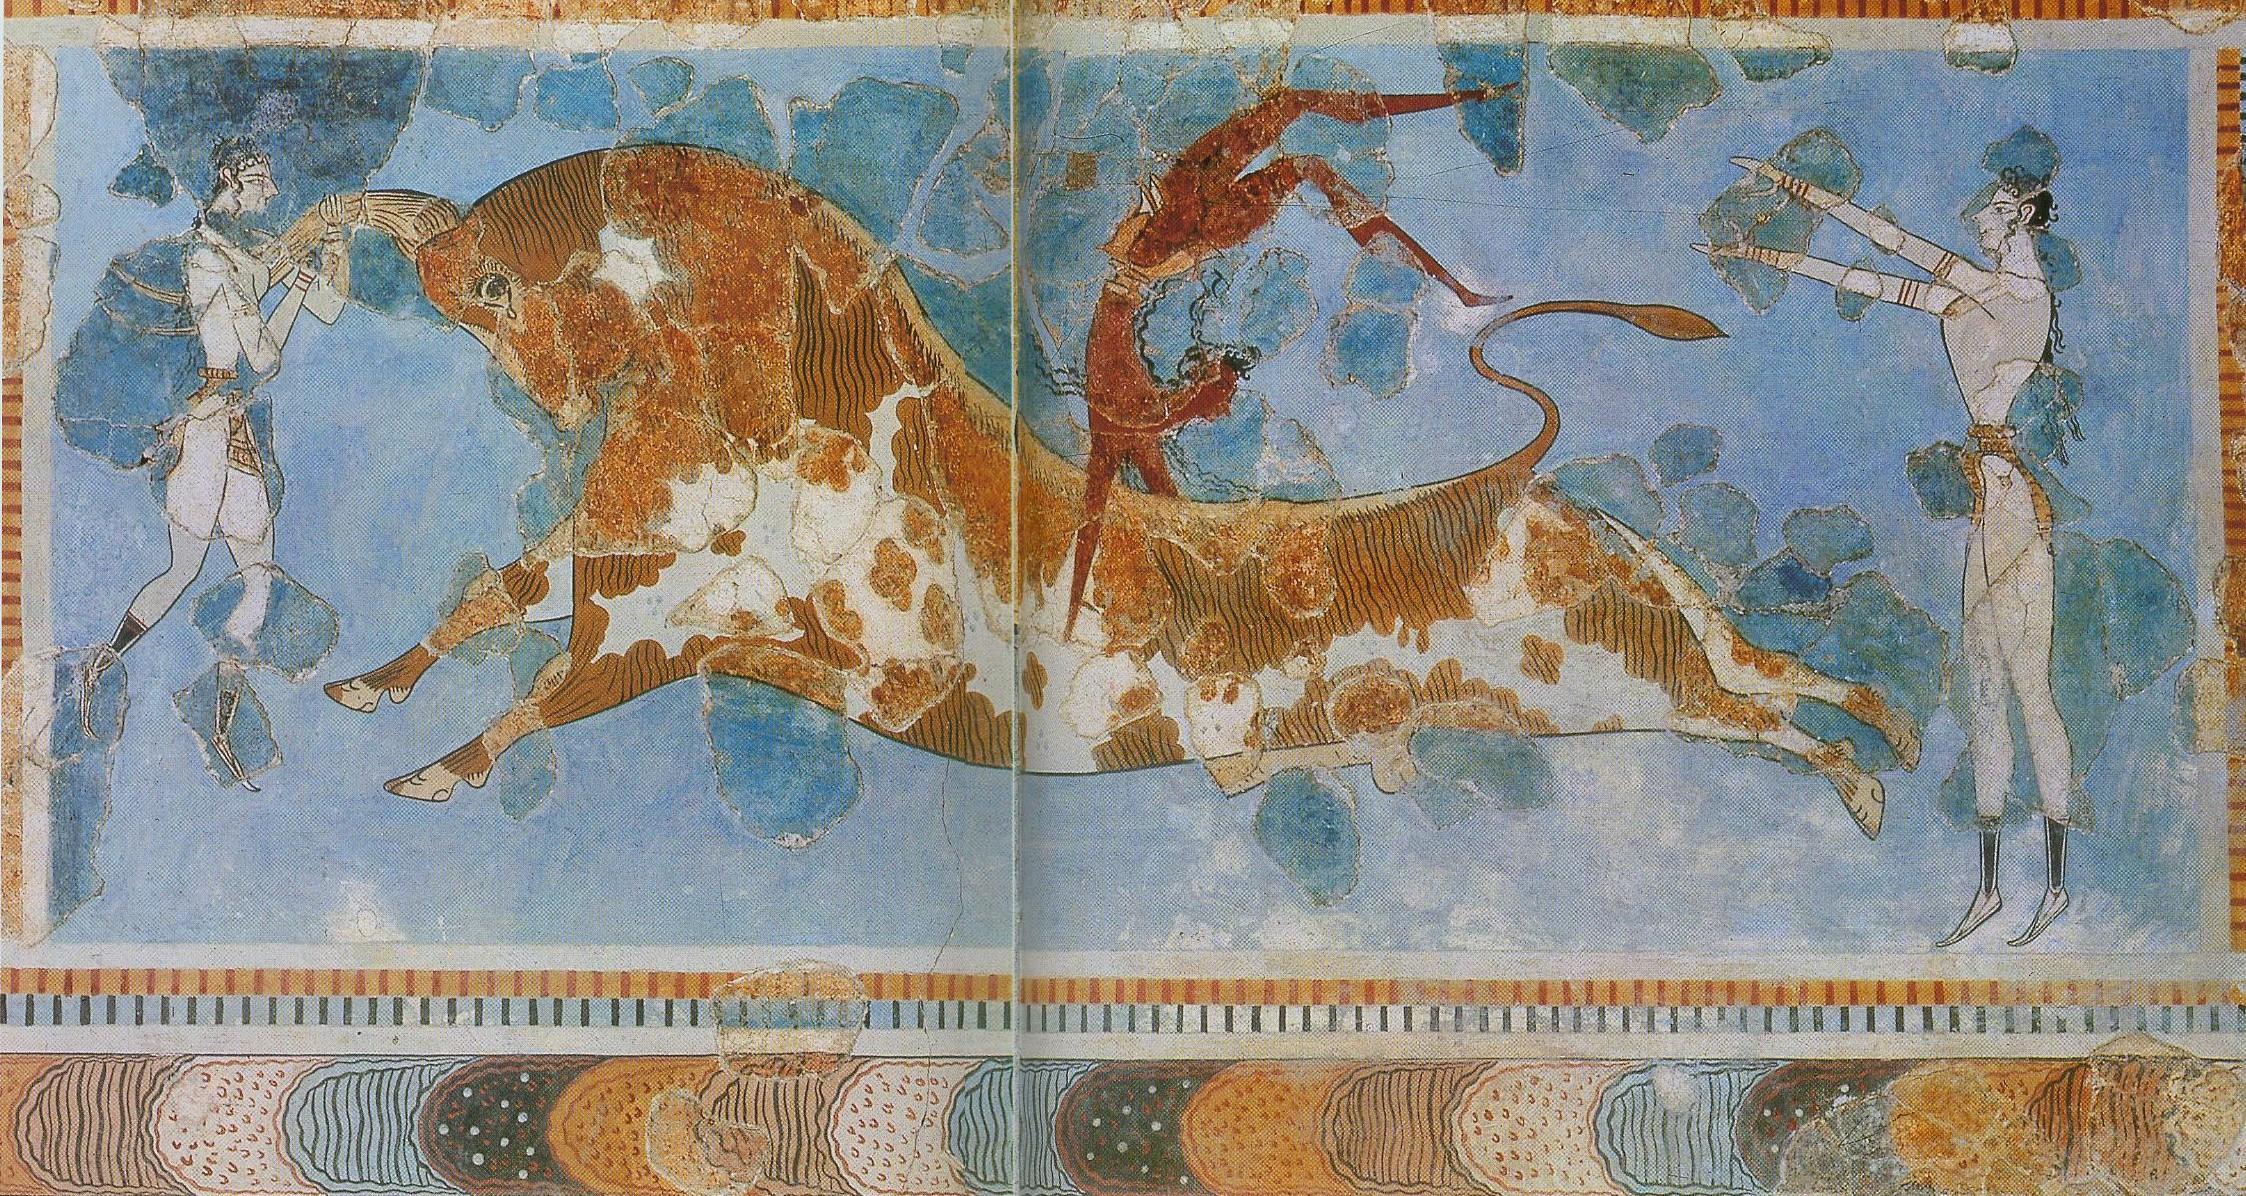 Игра с быком.Фреска из восточного крыла дворца в Кноссе. 1-я половина XV в. до н. э. Игры с быками - излюбленные зрелища критян.